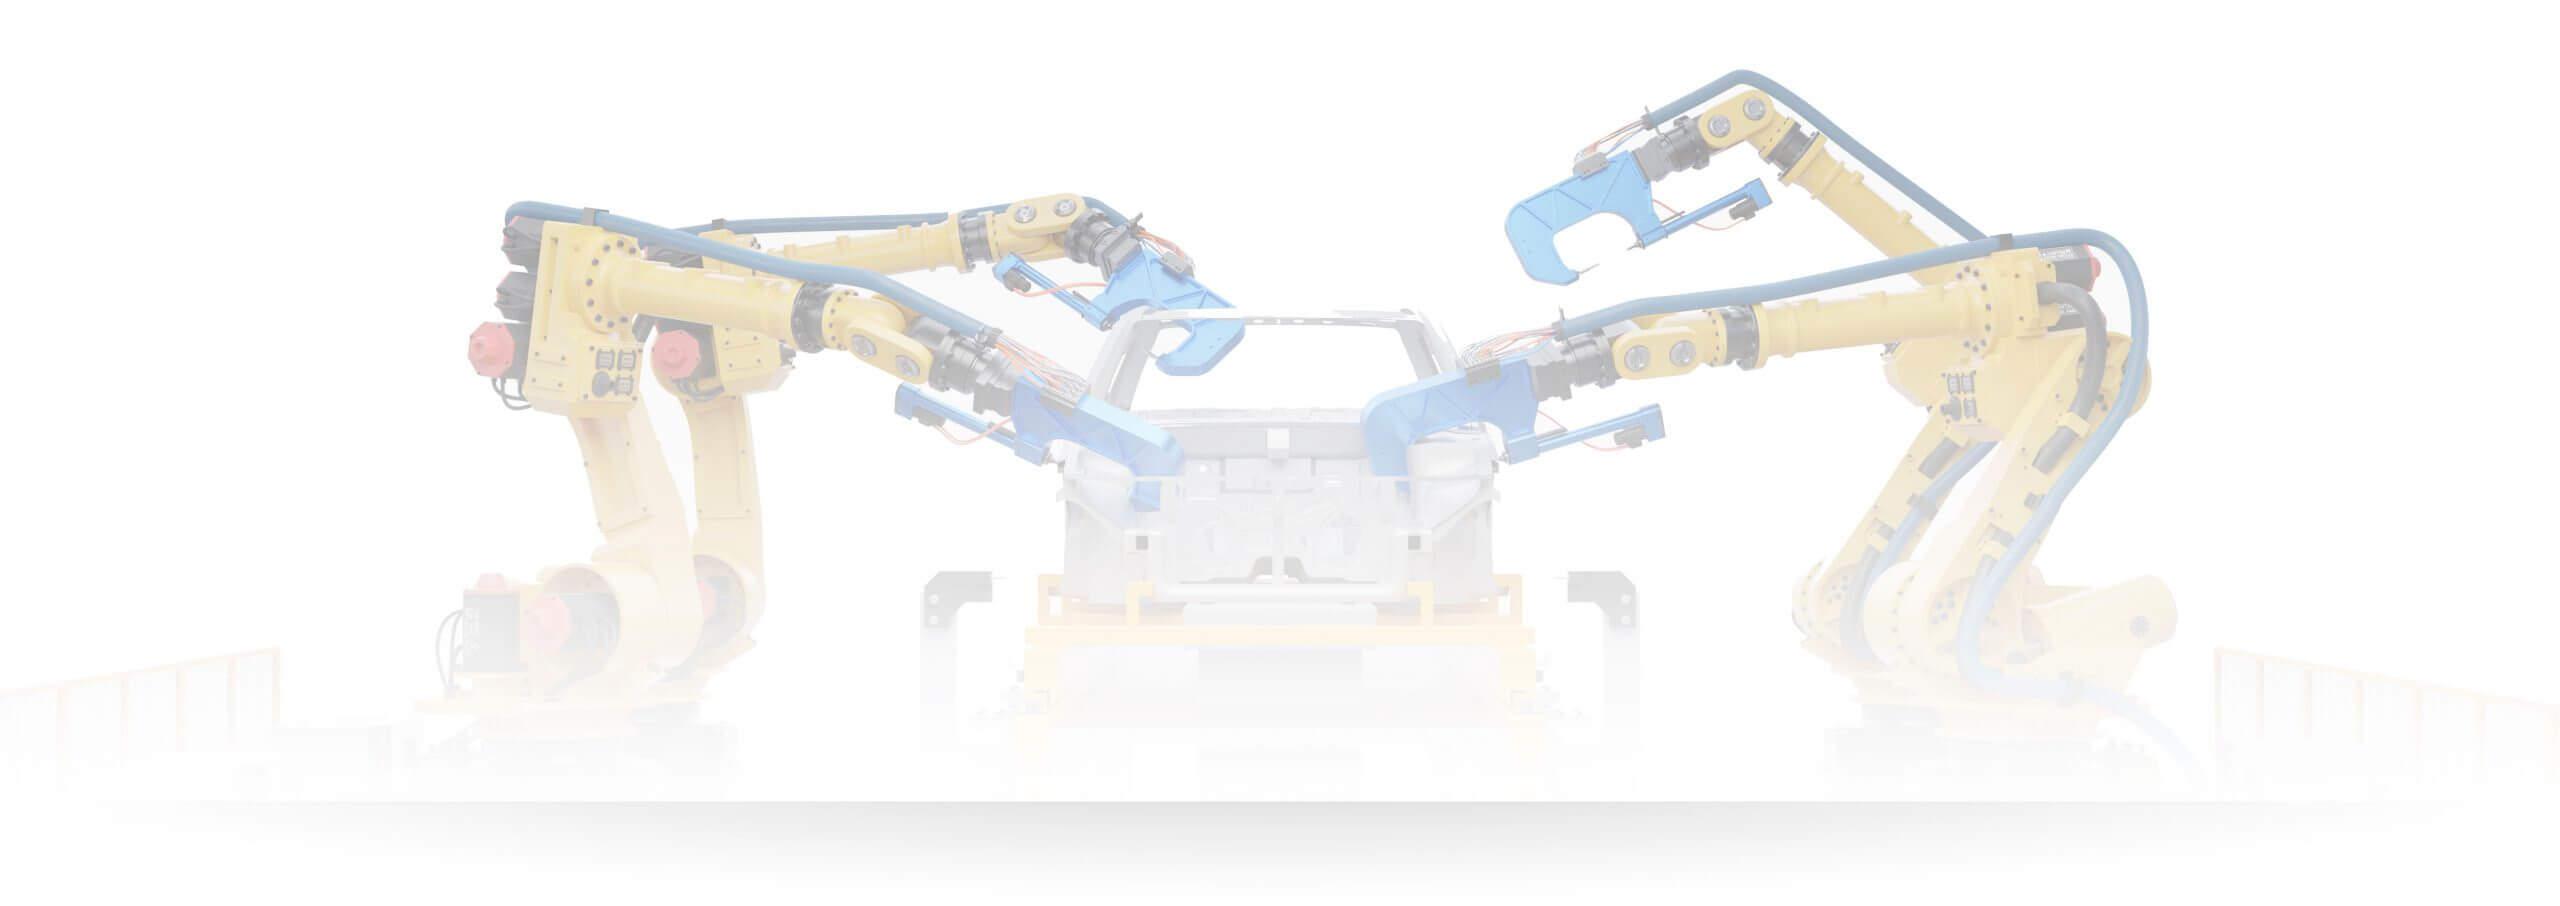 Roboter in Fertigungslinie